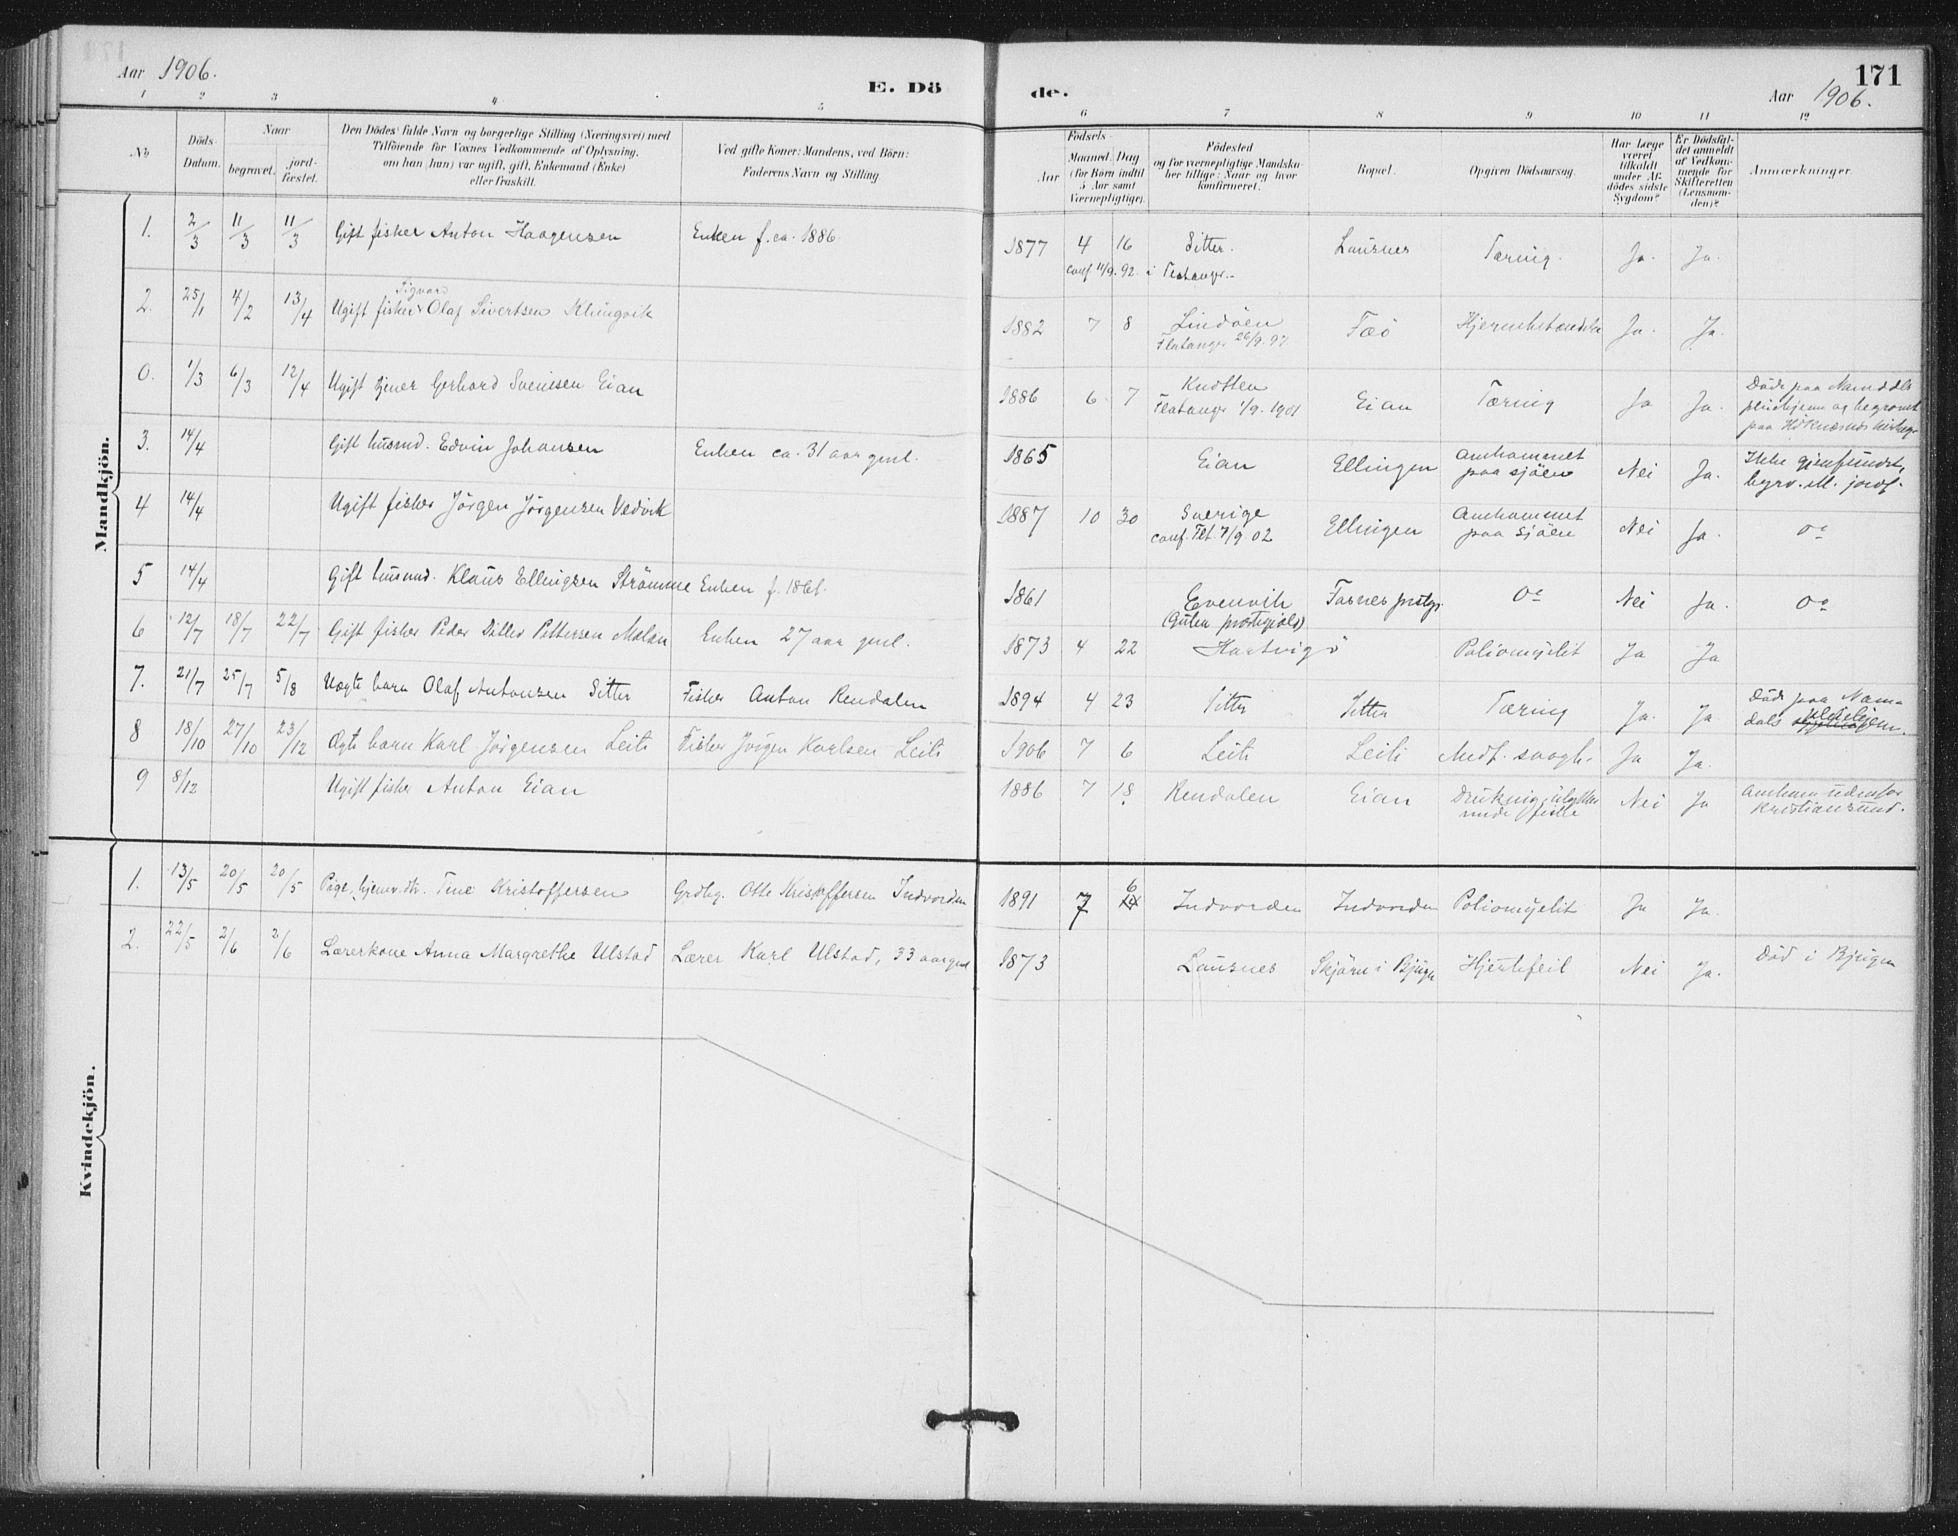 SAT, Ministerialprotokoller, klokkerbøker og fødselsregistre - Nord-Trøndelag, 772/L0603: Ministerialbok nr. 772A01, 1885-1912, s. 171